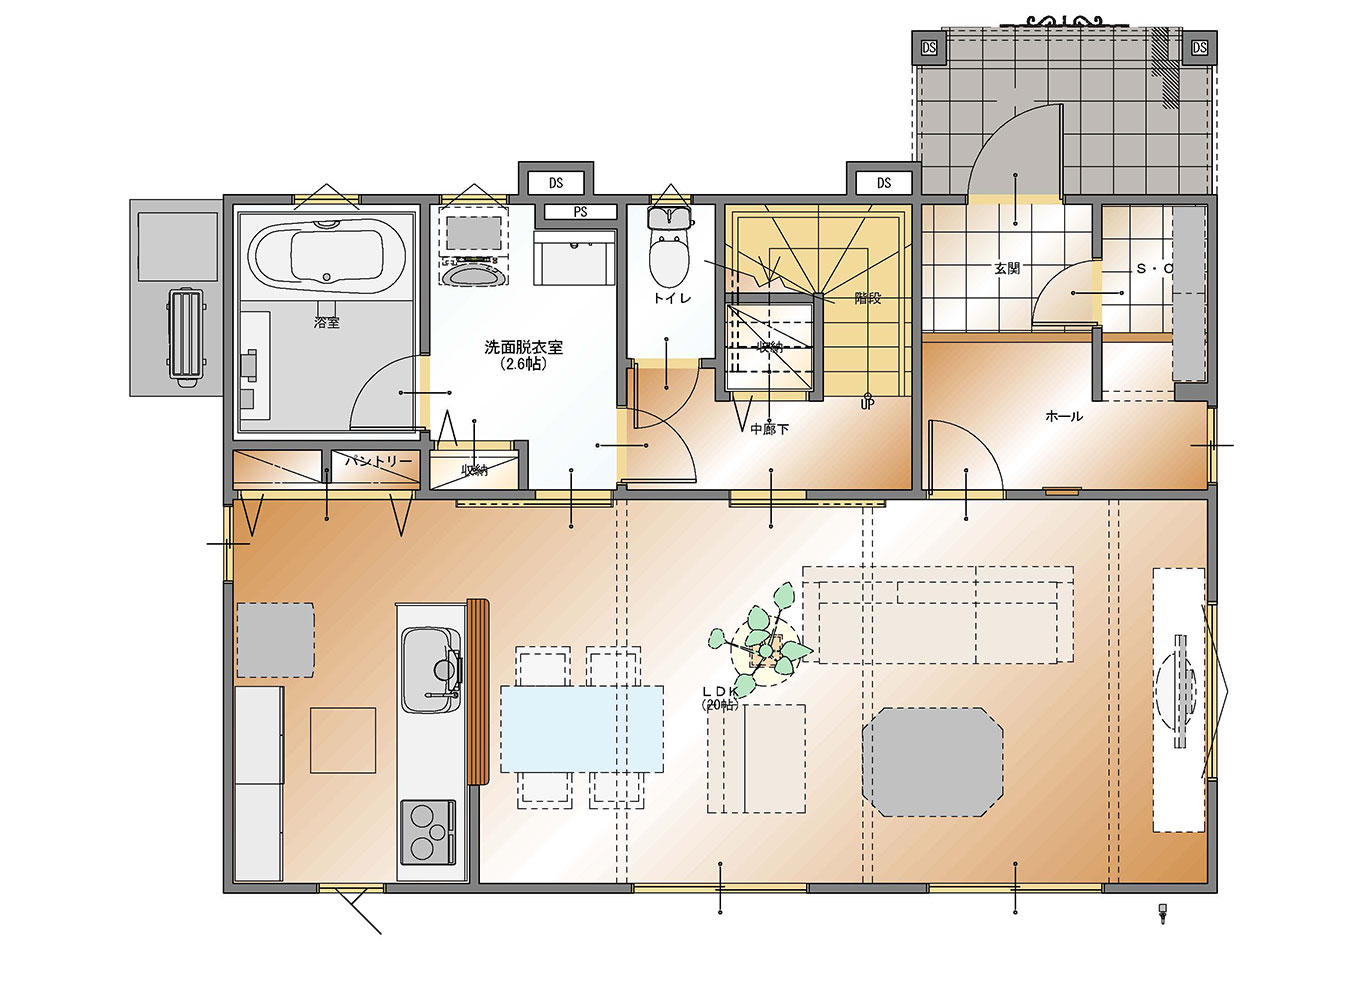 甲府市上今井町B14号棟 建売住宅 平面図1F